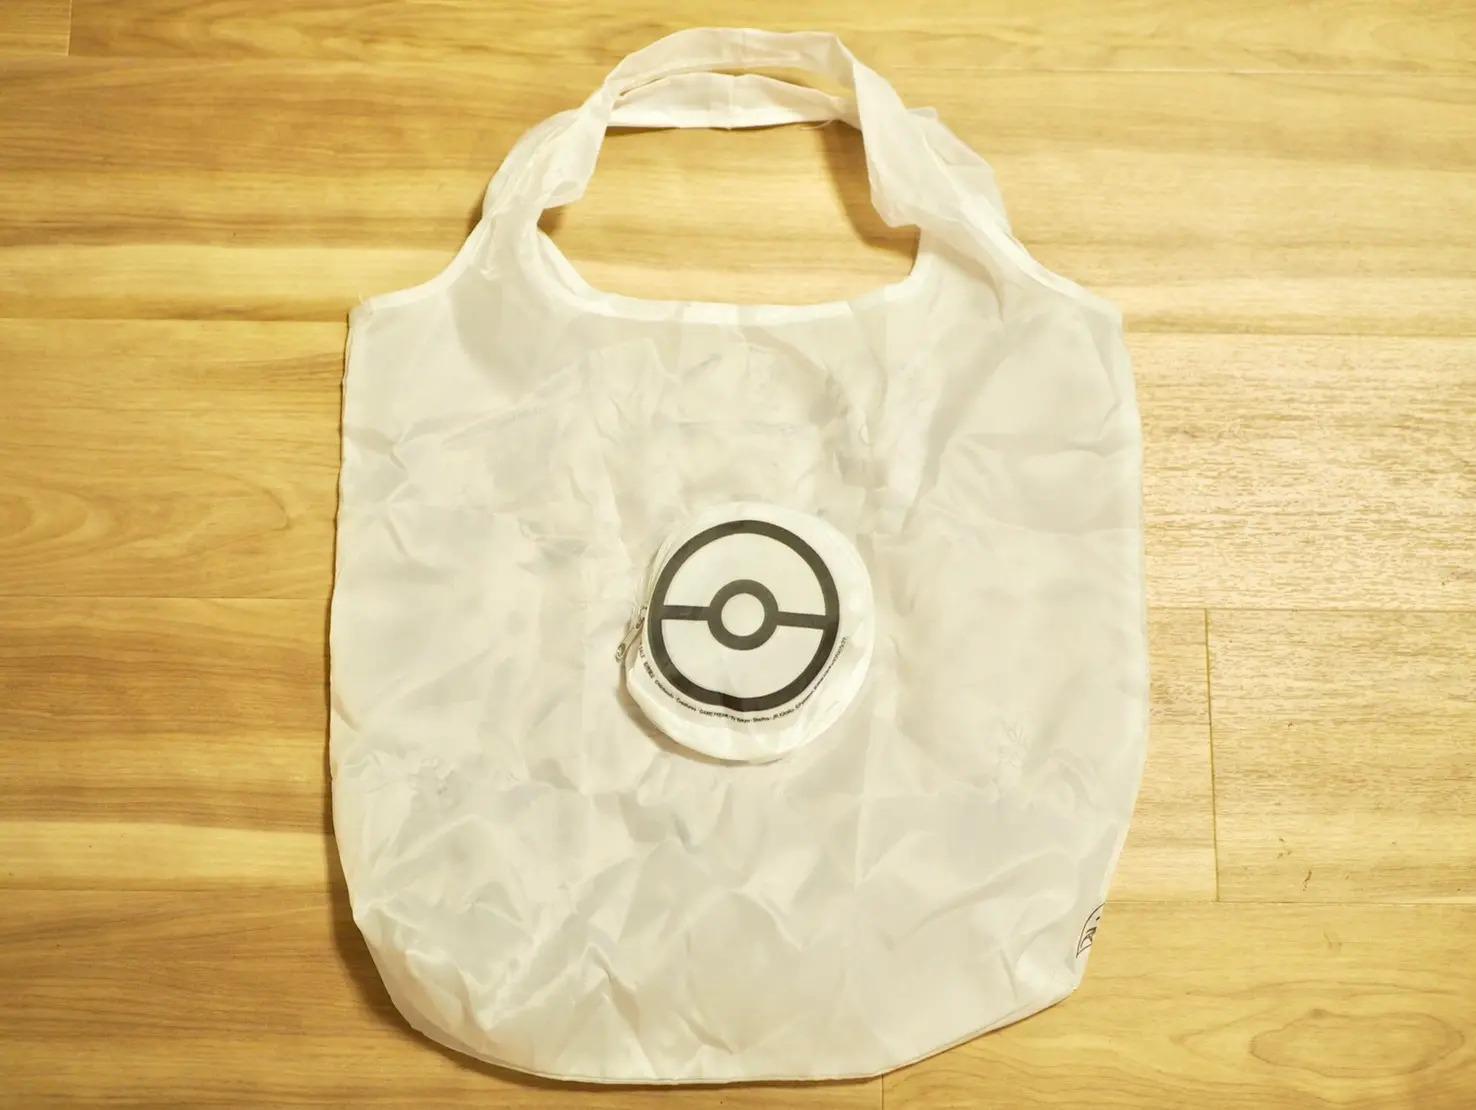 【働く女性のエコバッグまとめ】人気ブランドのおしゃれなバッグも♡ MOREインフルエンサーズのMyバッグ特集_15